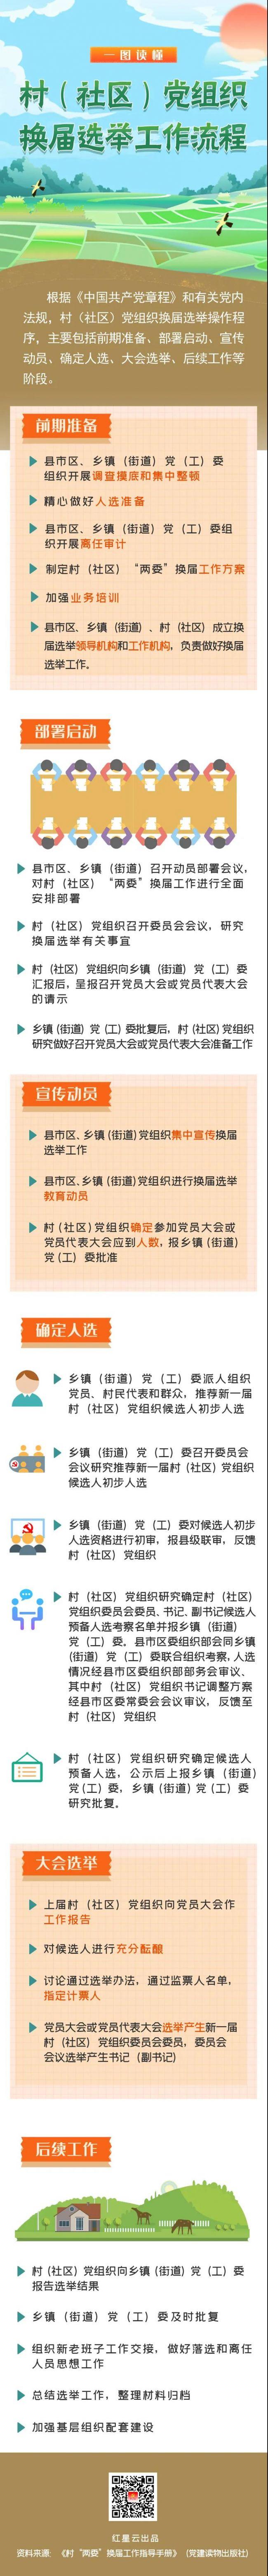 《【恒达代理主管】一图读懂!村(社区)党组织换届选举工作流程》